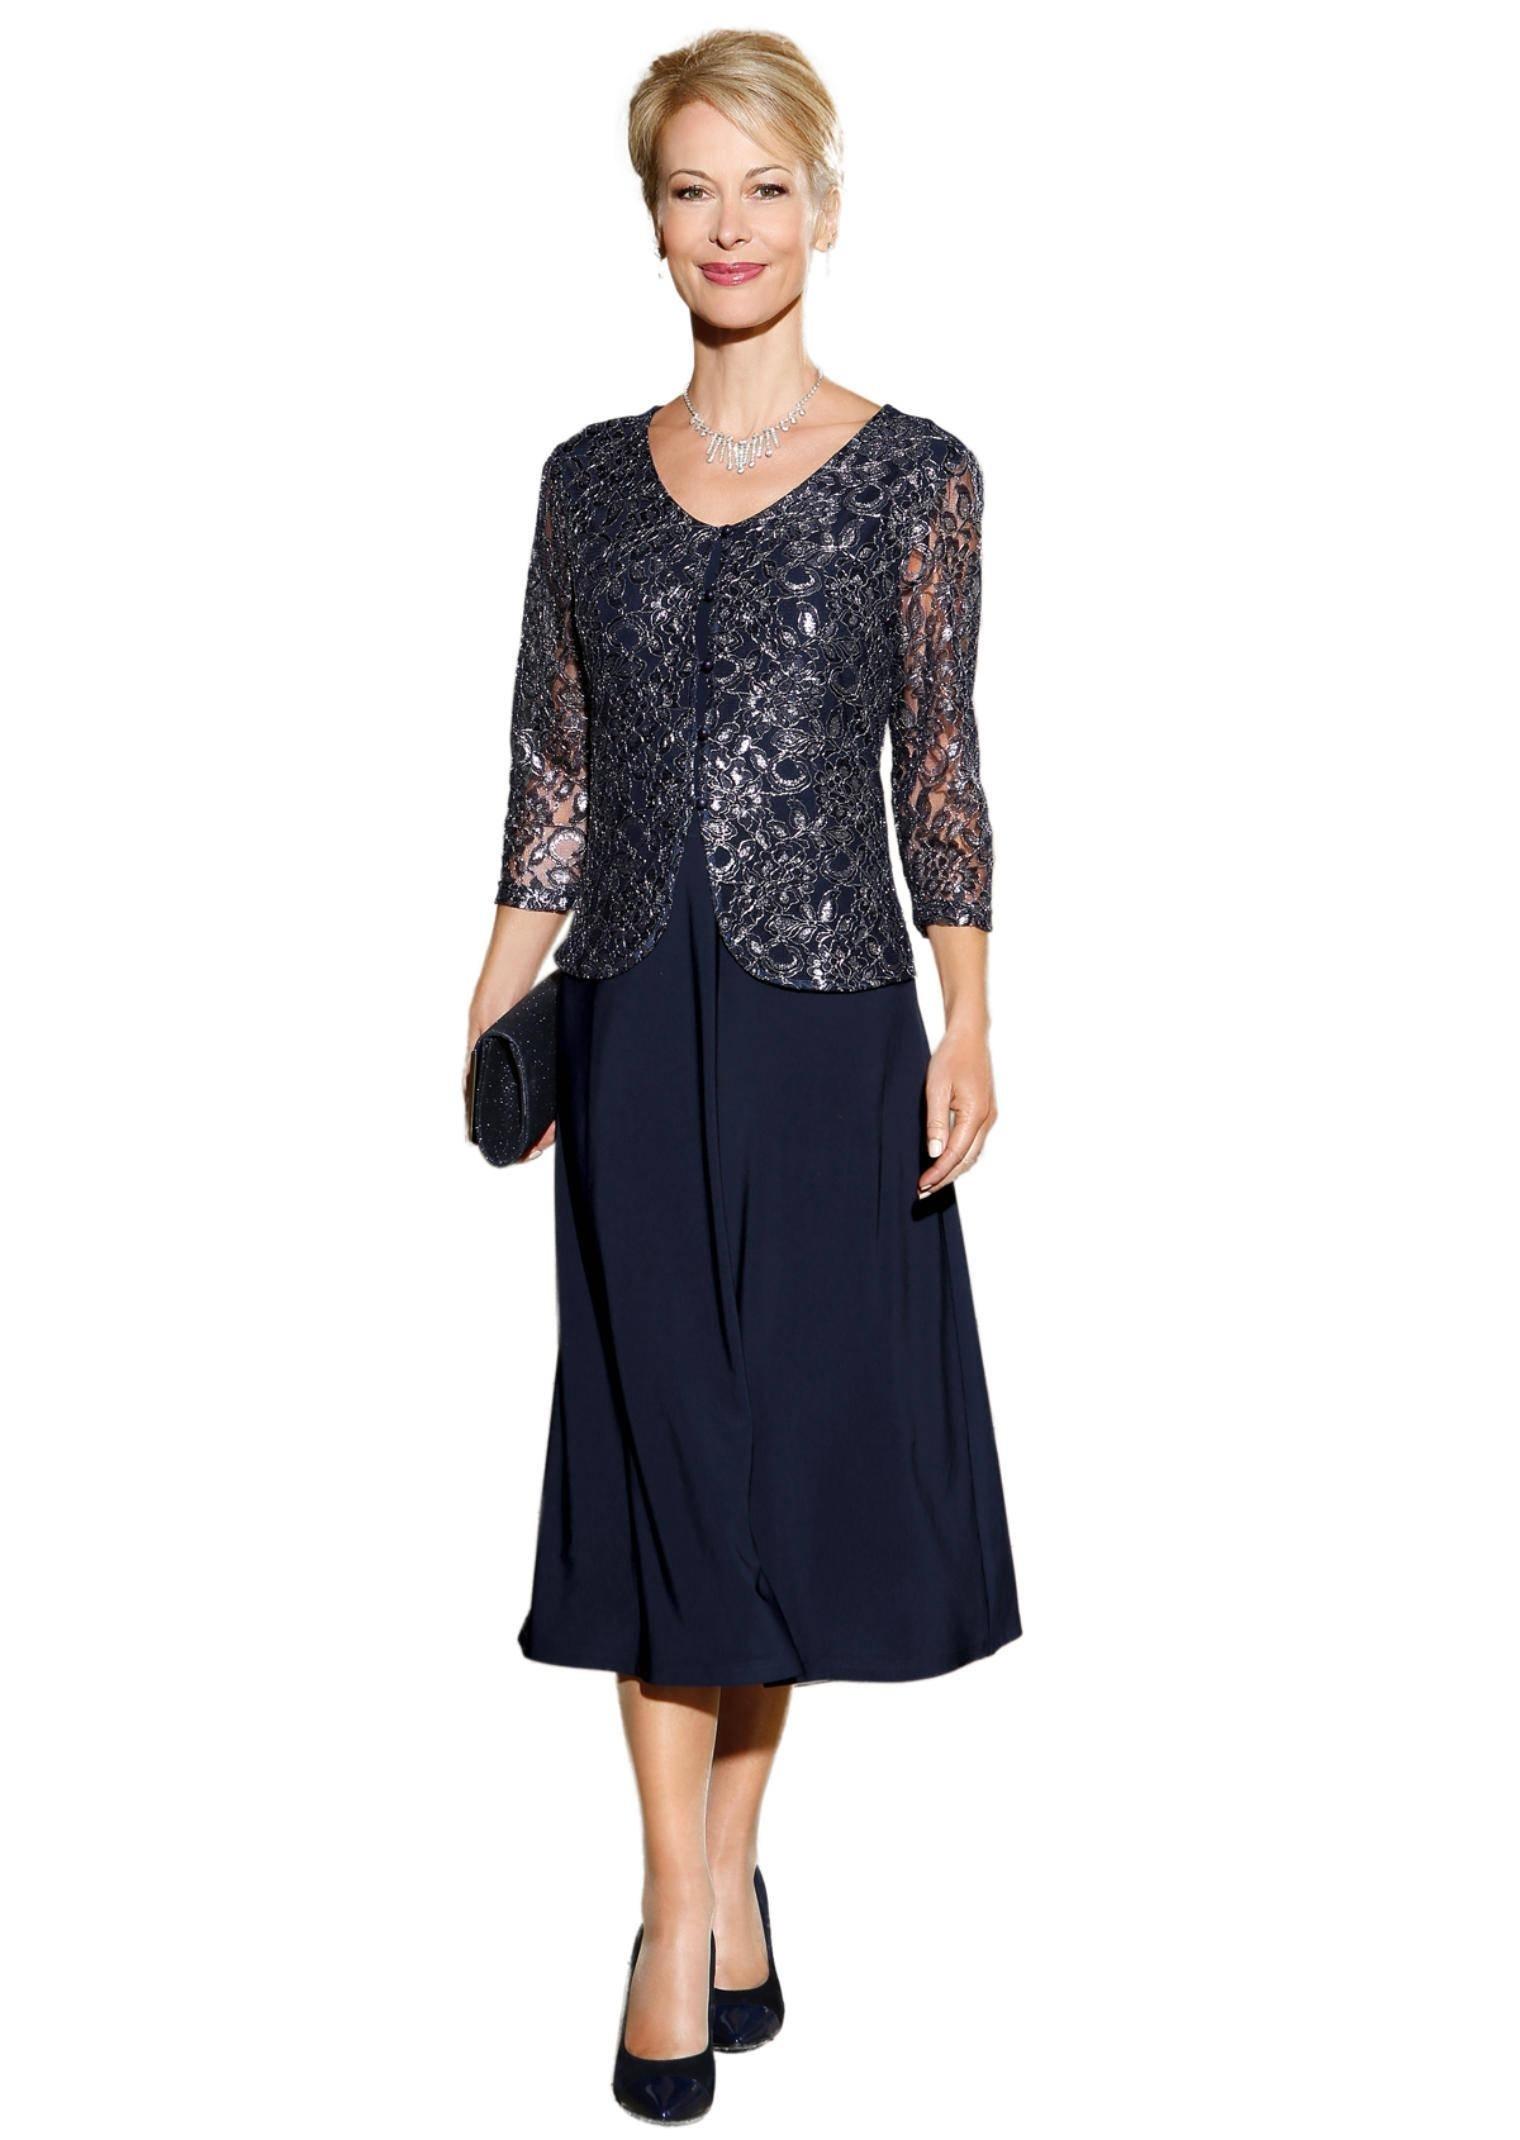 17 Einfach Festliches Kleid 48 für 201915 Einfach Festliches Kleid 48 Spezialgebiet